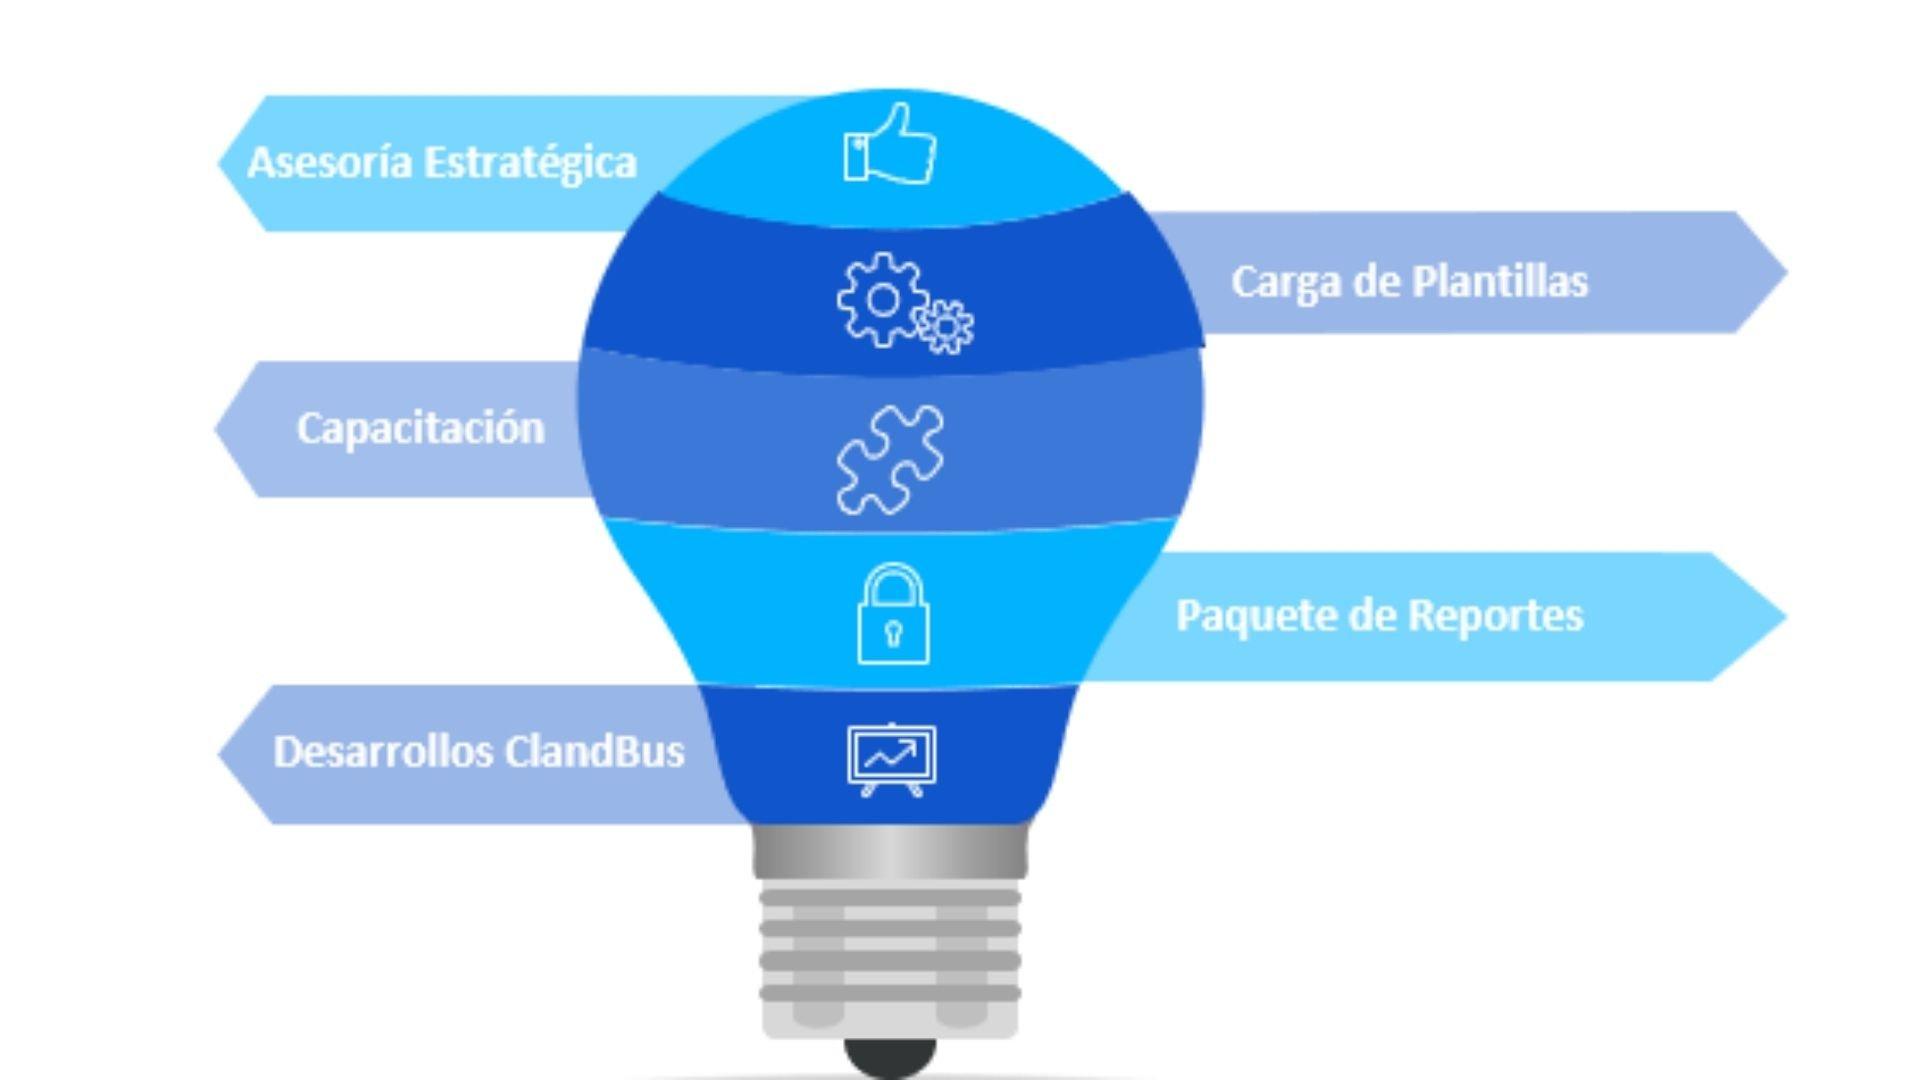 ciclo de vida de implementación de un erp - ClandBus orienta a tu empresa en ese camino de implementación si estás evaluando un nuevo sistema ERP con los mejores tiempos y prácticas de la industria